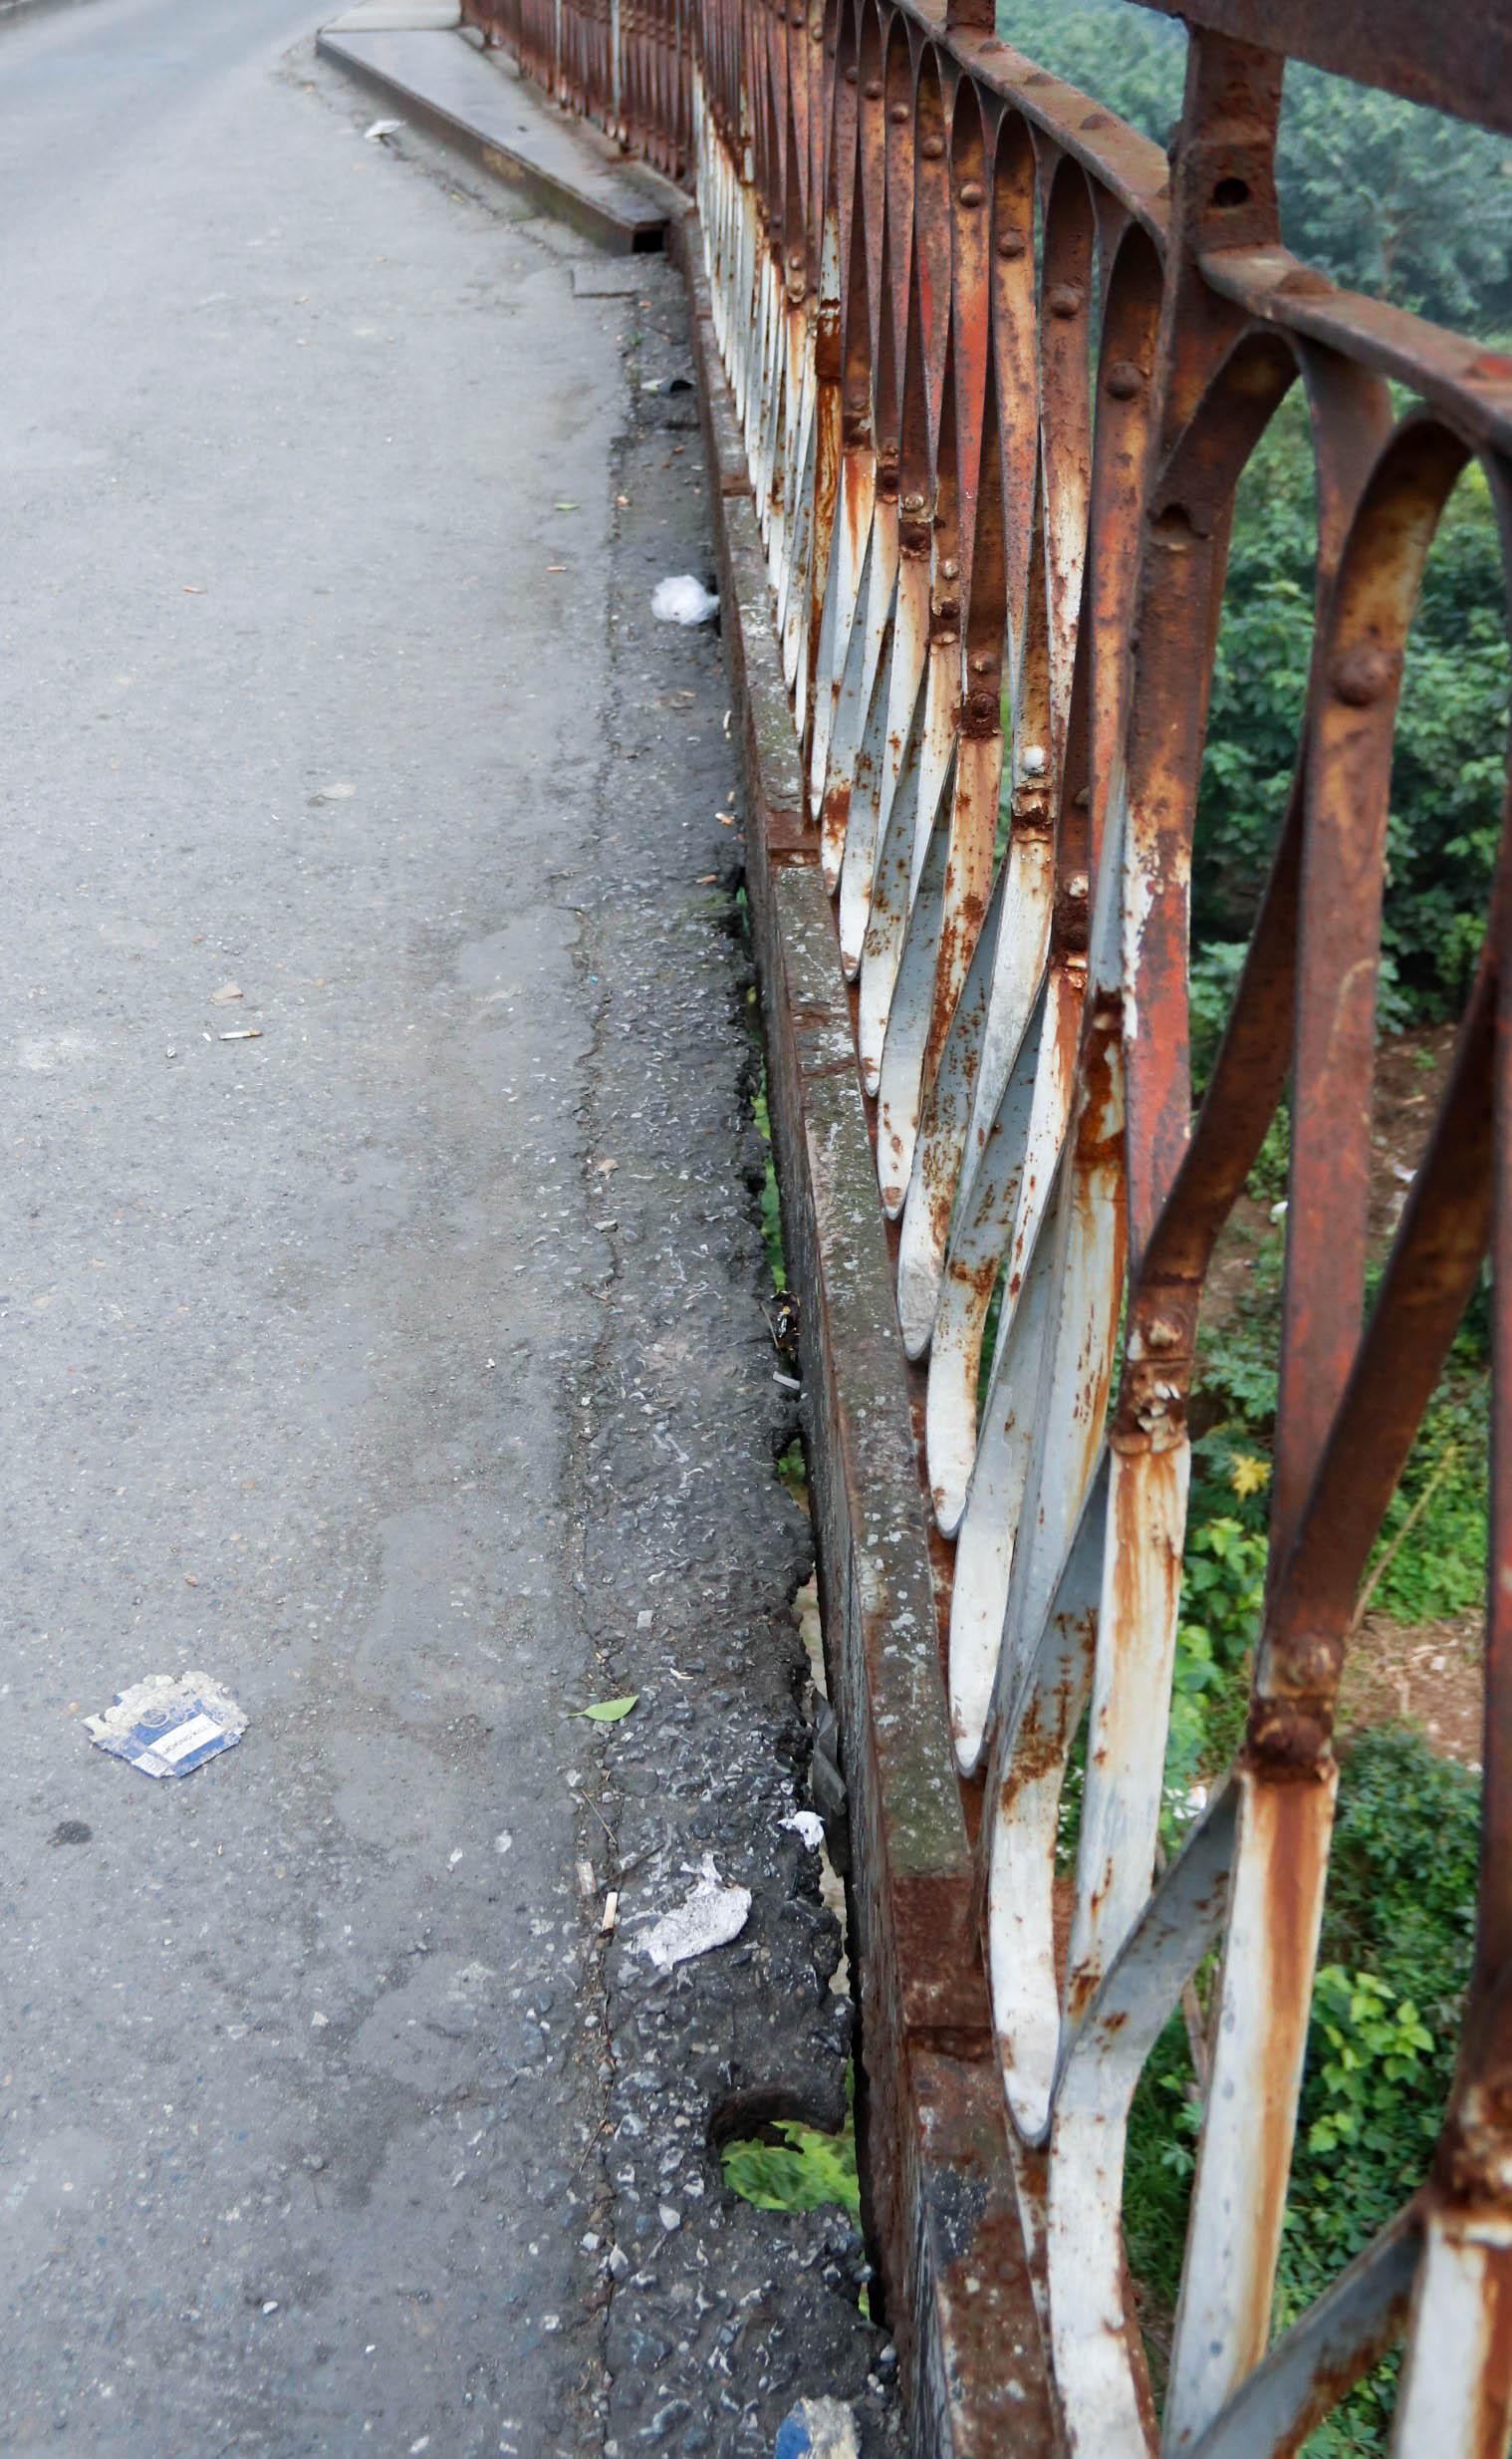 Cầu Long Biên xuống cấp đến không ngờ, mặt đường bị cày xới khiến người dân đi lại gặp nhiều khó khăn - Ảnh 9.